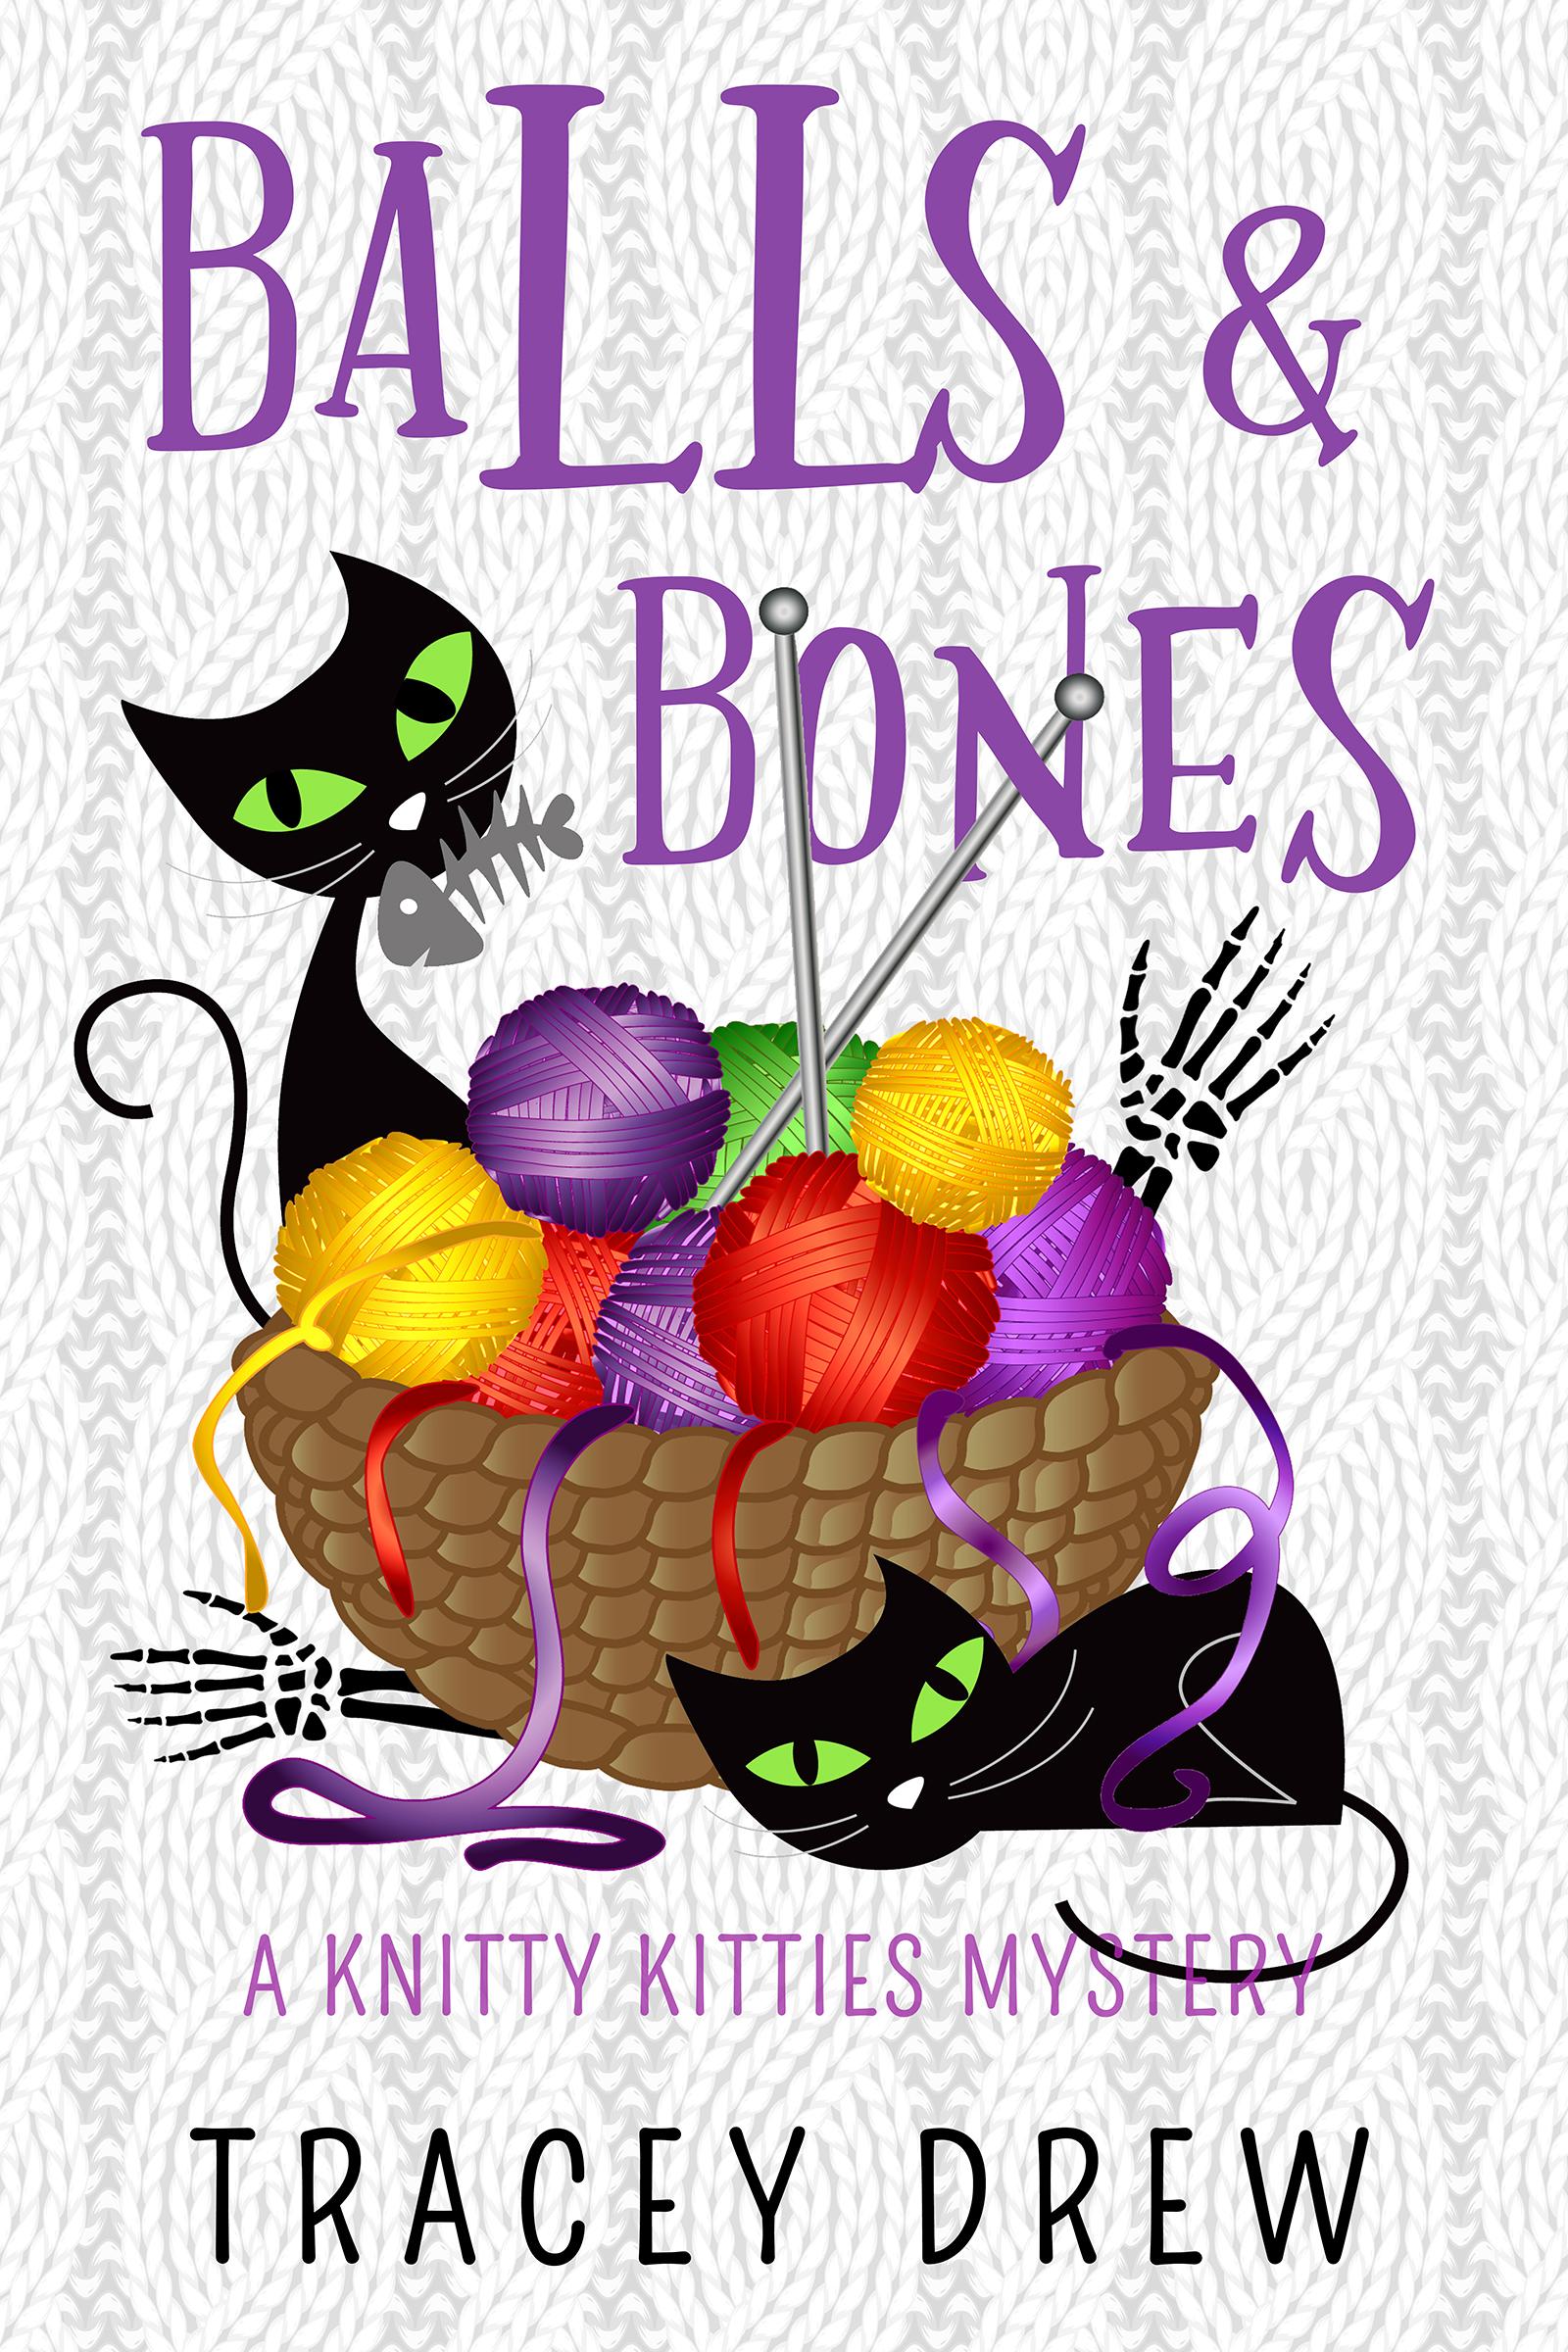 Balls & Bones